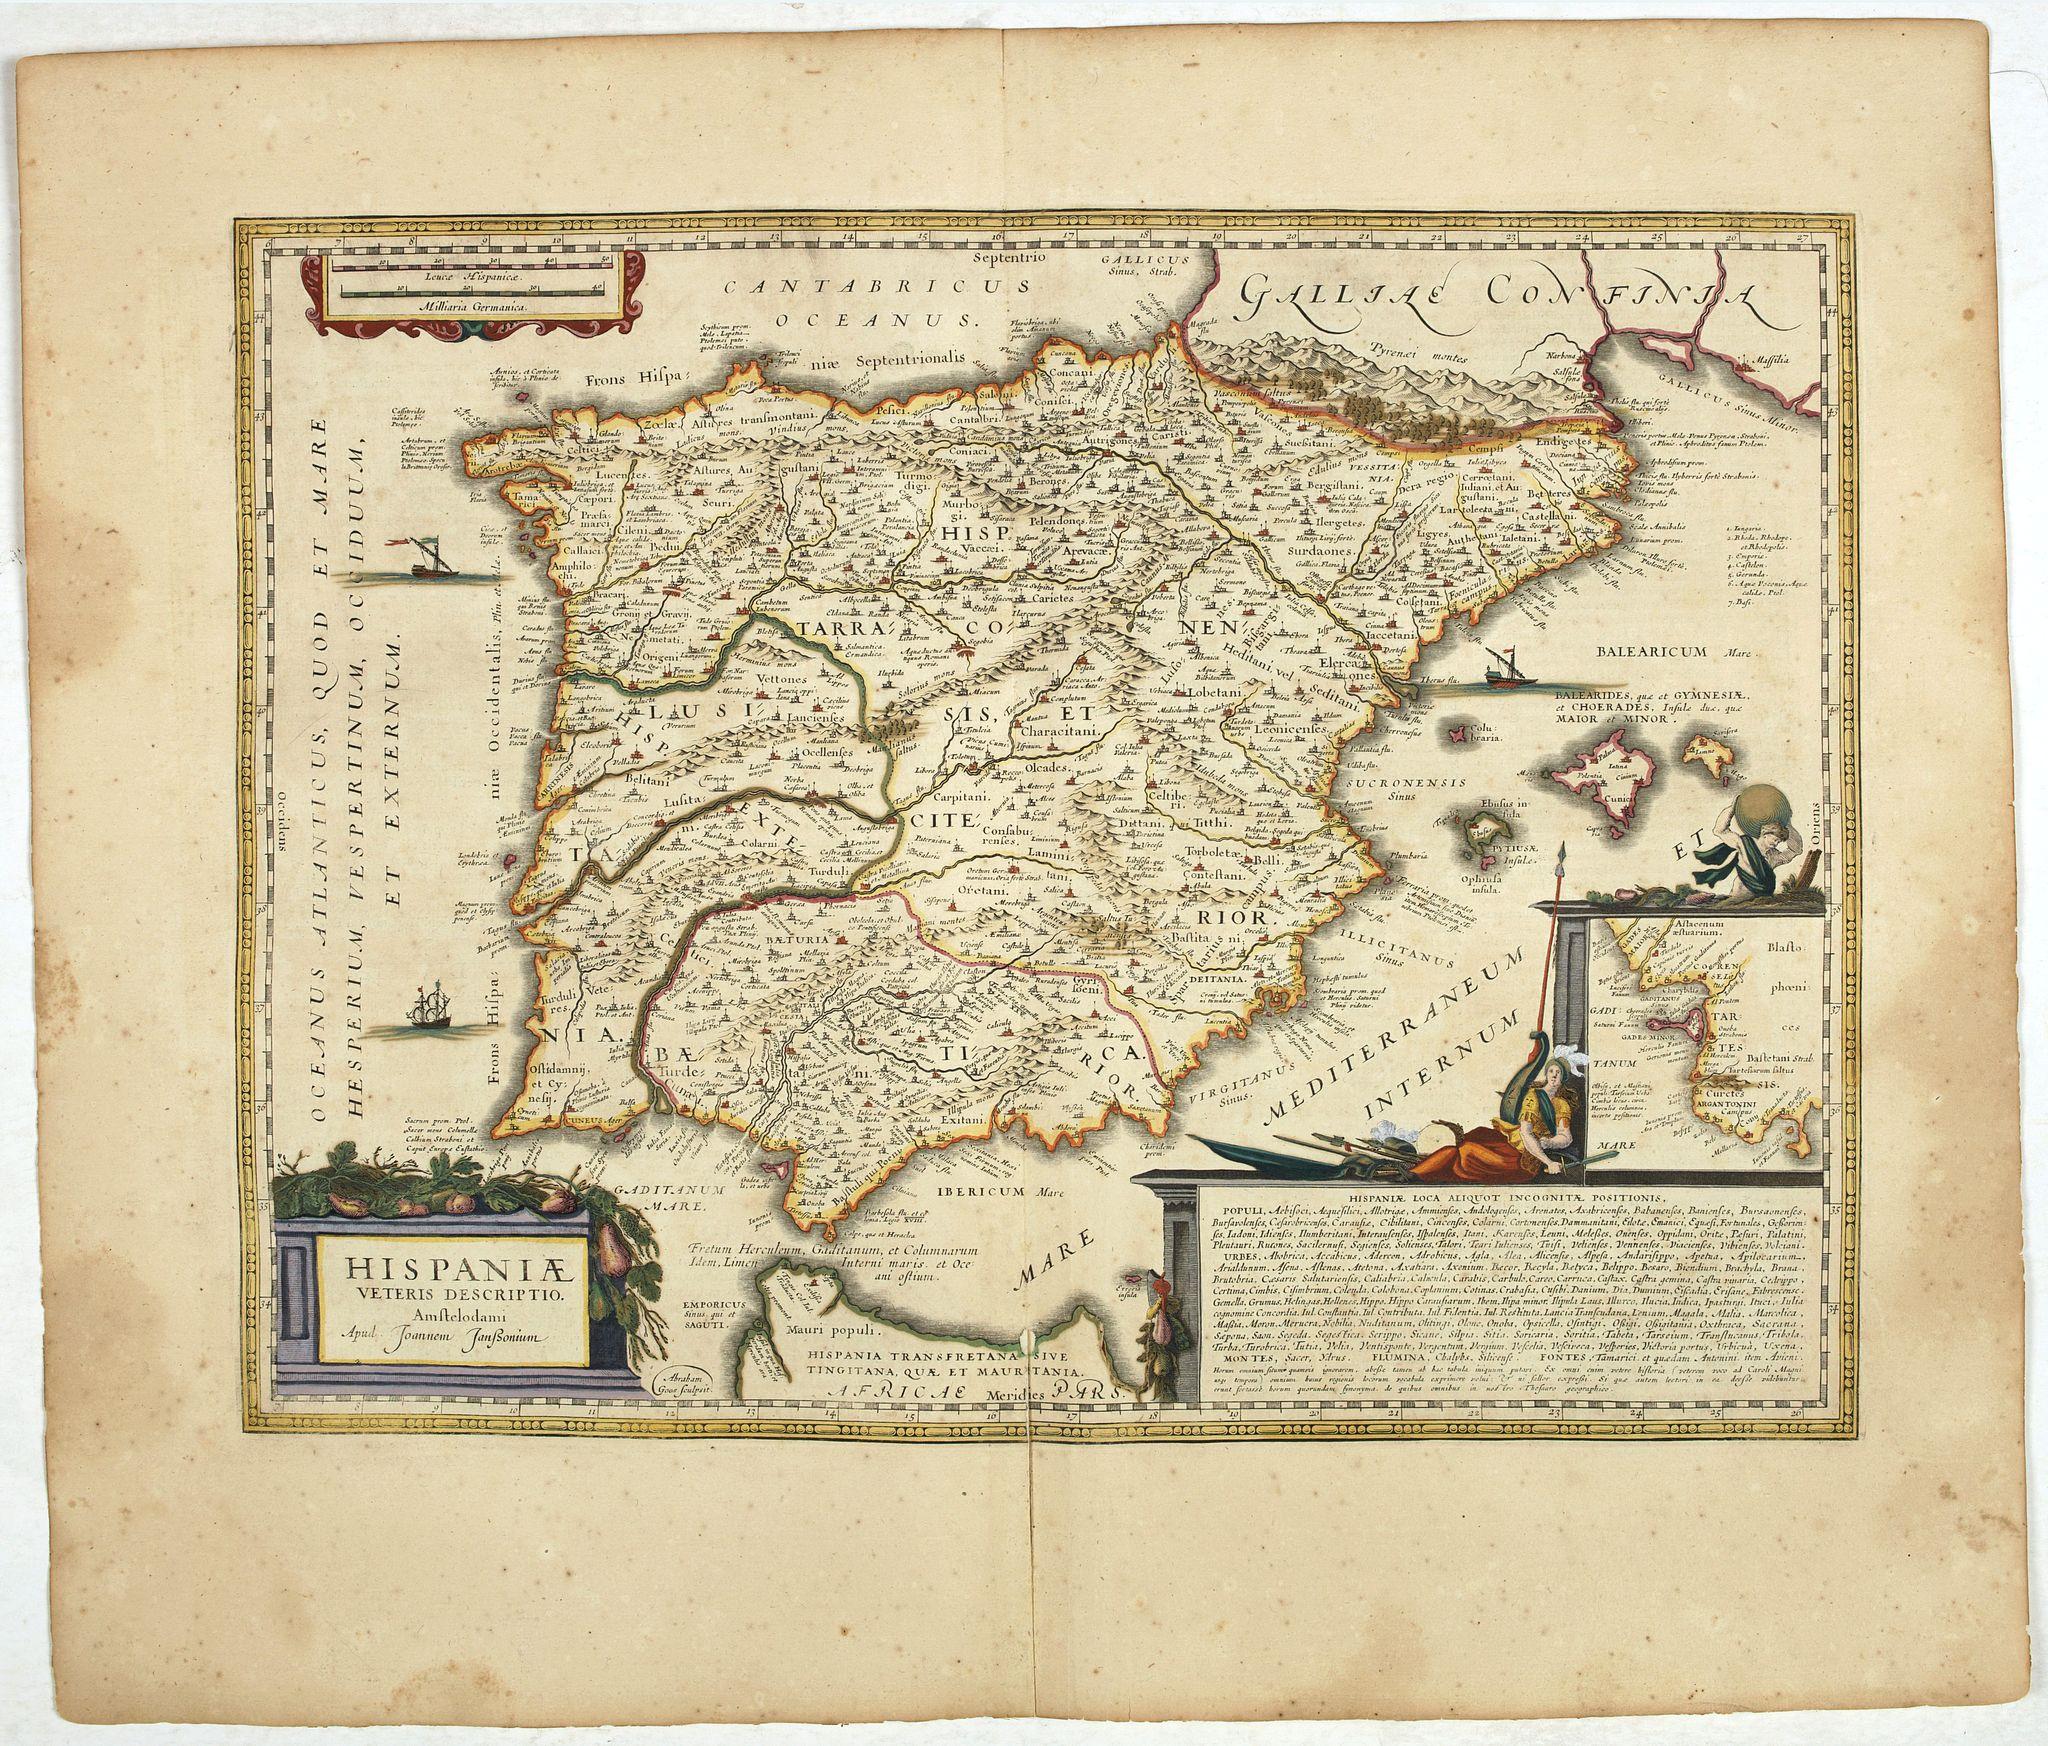 JANSSONIUS, J. -  HISPANIAE Veteris descriptio. Abraham Goos Sculpsit.